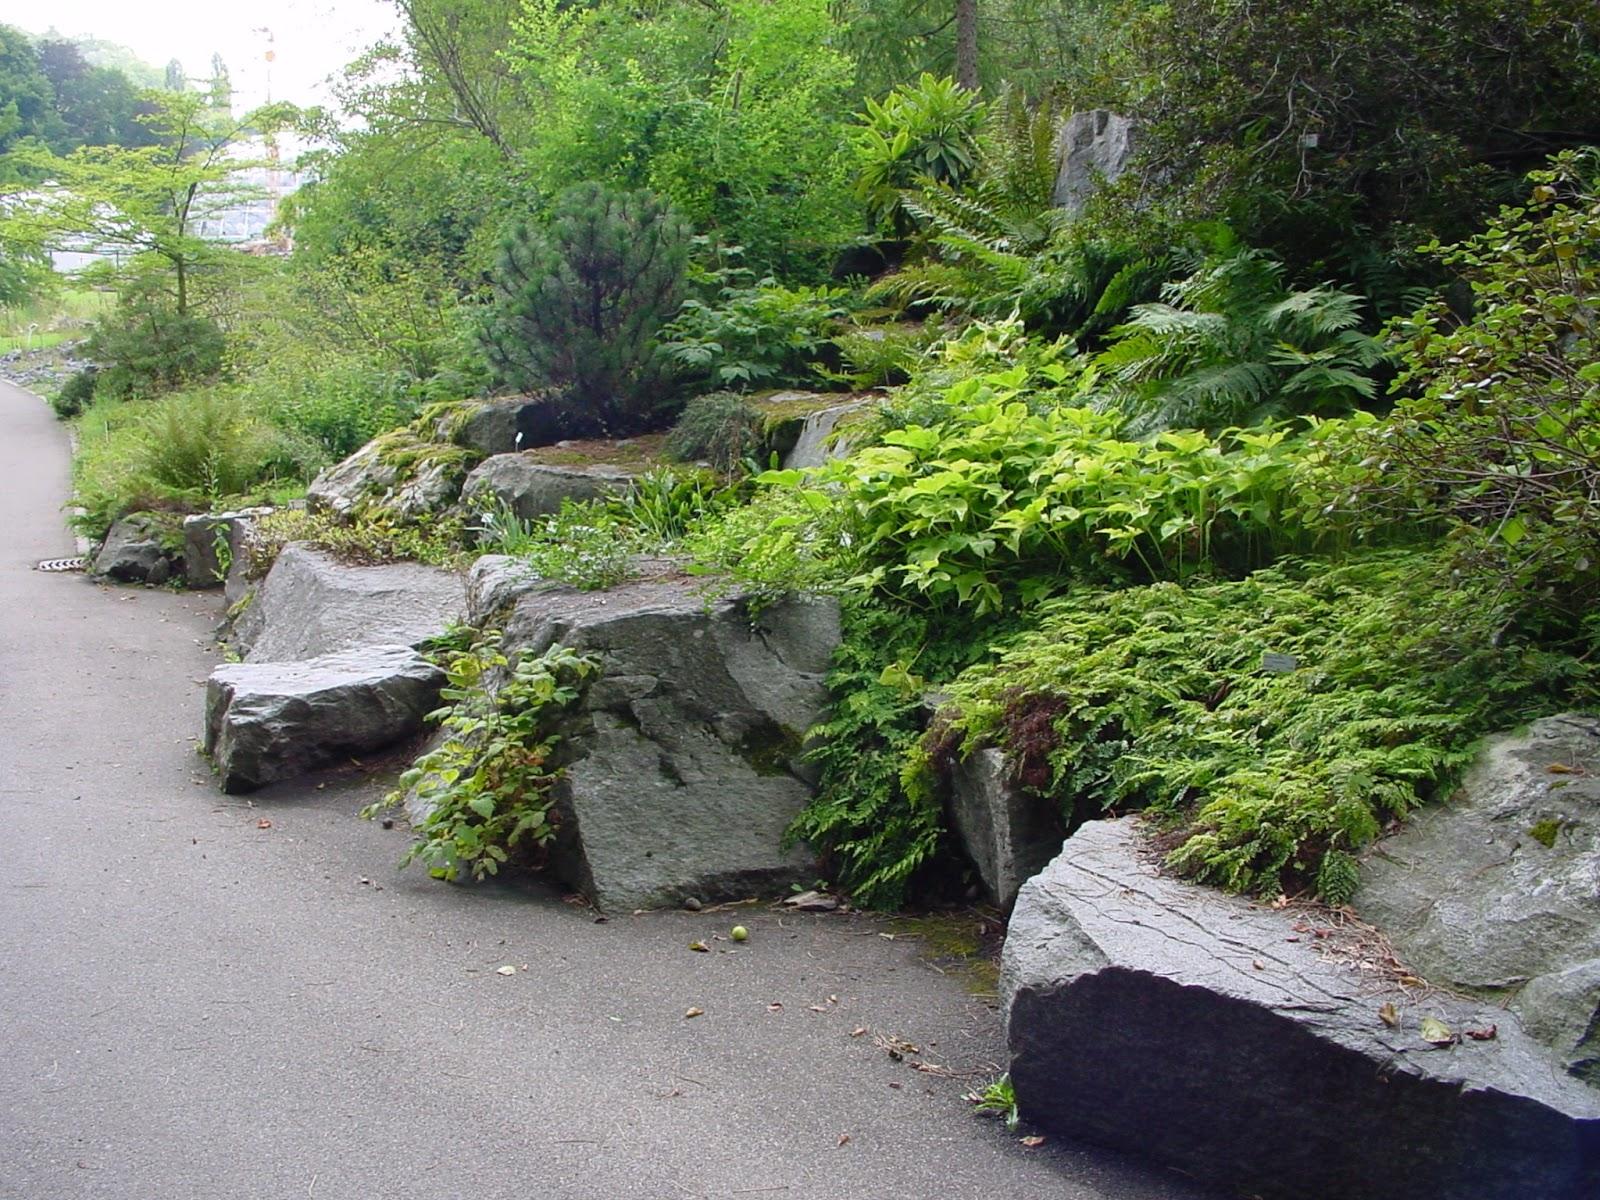 Jardineria eladio nonay jard n de rocas jardiner a - Piedra para jardineria ...